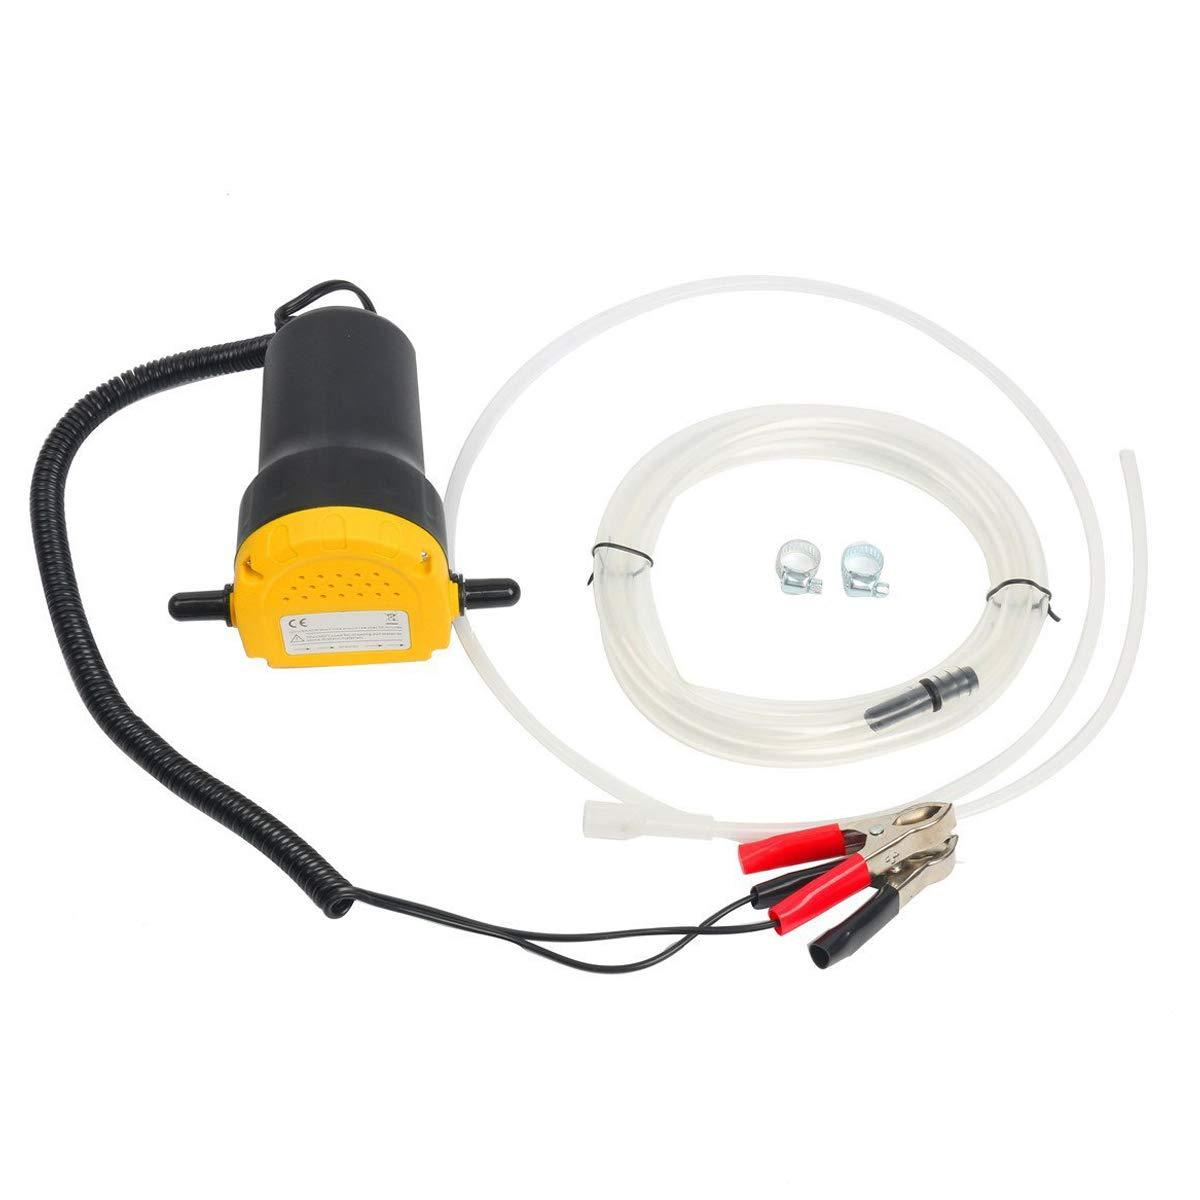 FreeTec Pompa Estrattore Per Aspirazione Olio Motore e Gasolio Pompa di Aspirazione dell' olio, 60W 12V freebirdtrading FT0140